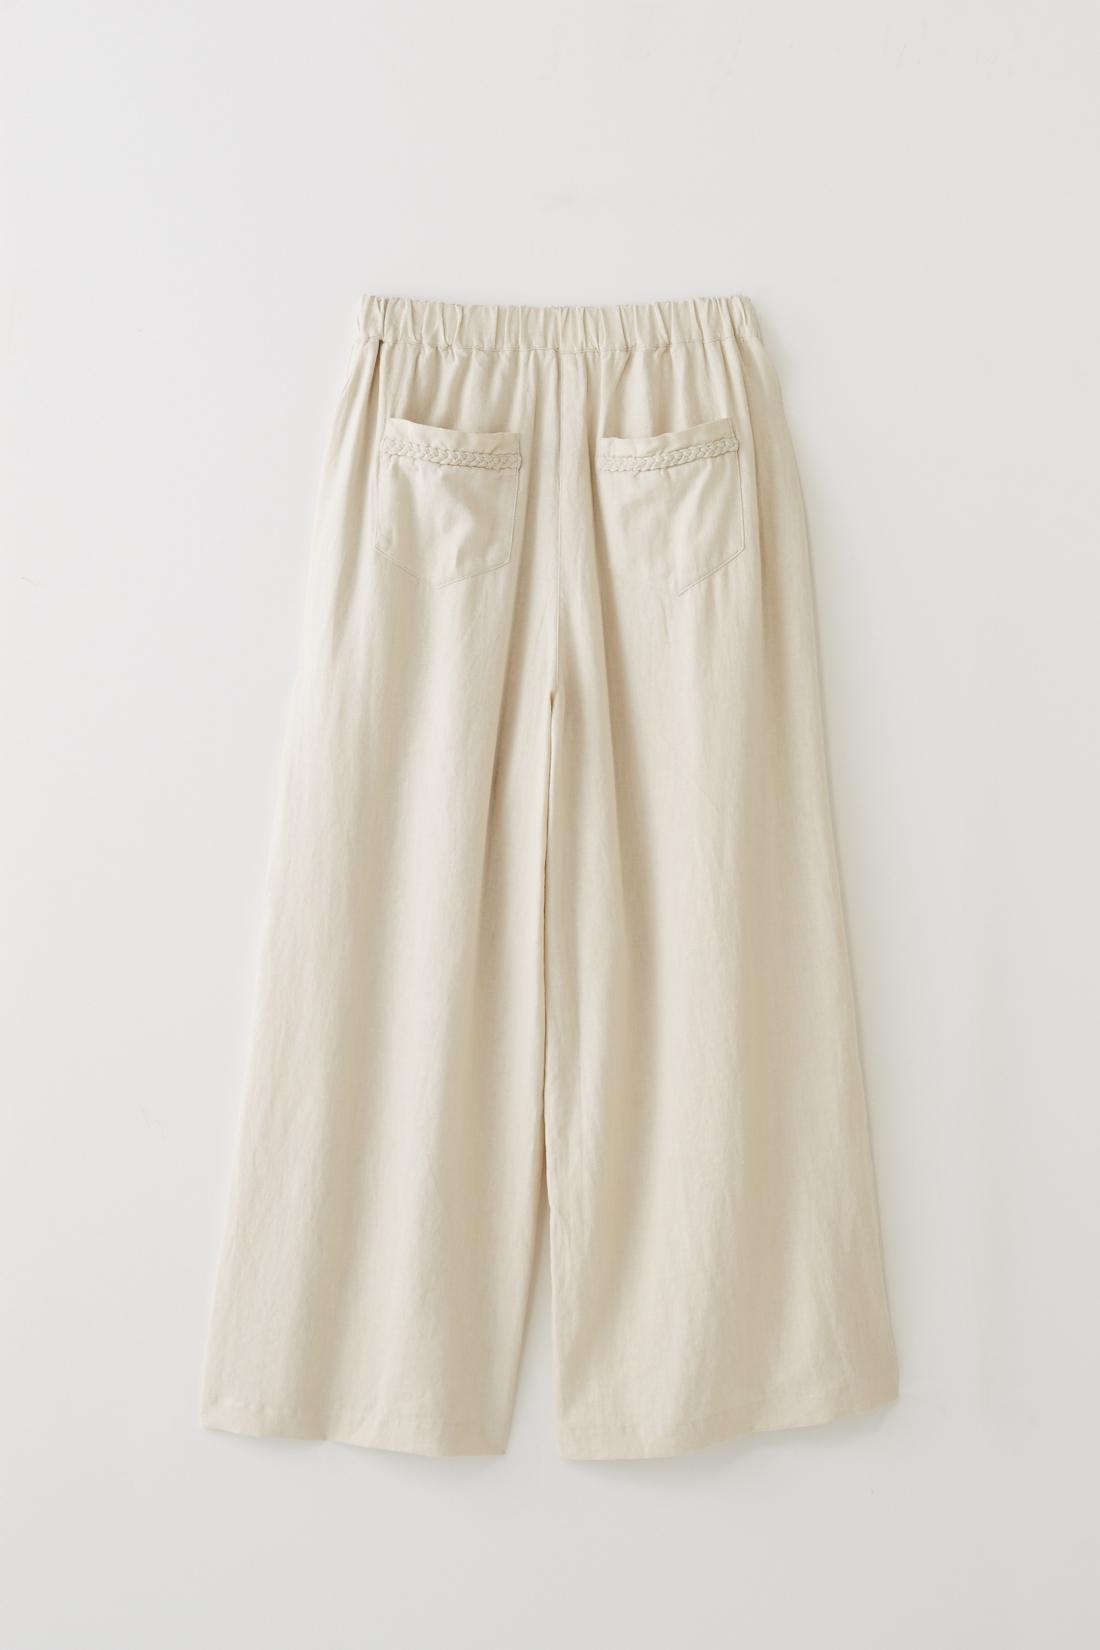 BACK 後ろにもポケット付き。肌ざわりよく、夏にちょうどいいフレンチリネンとレーヨンの混紡素材です。